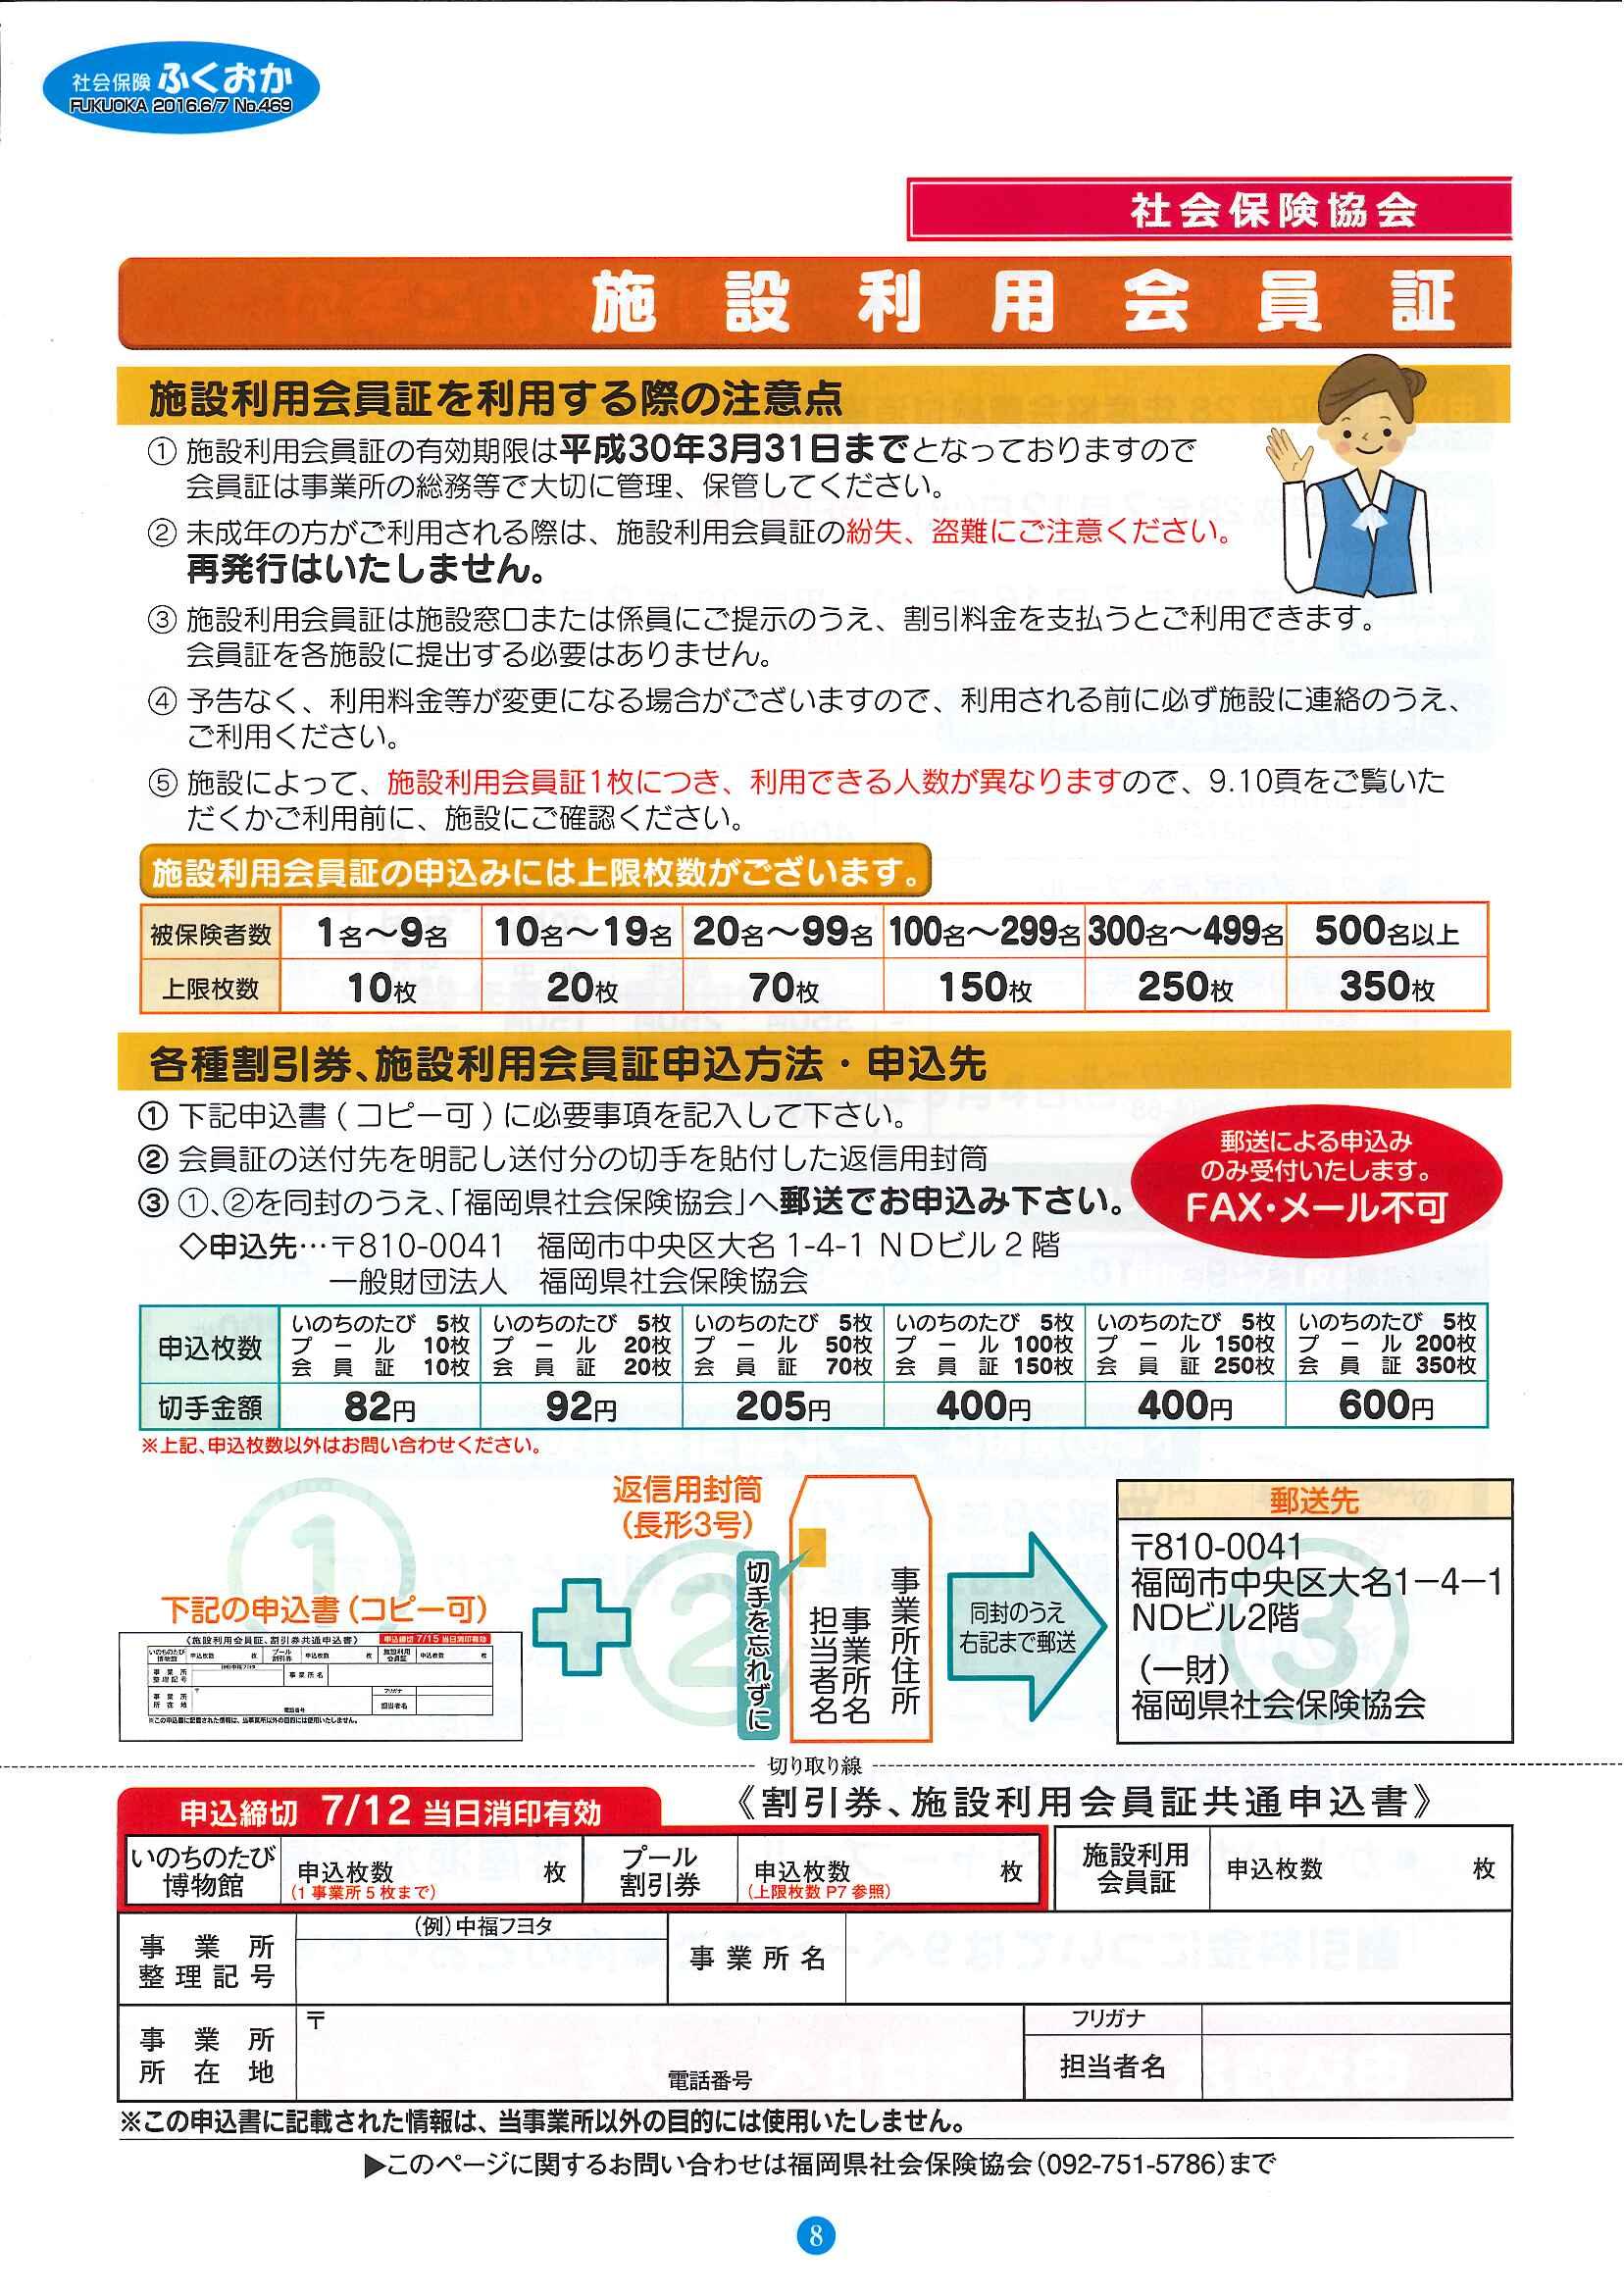 社会保険 ふくおか 2016年6・7月号_f0120774_1539162.jpg